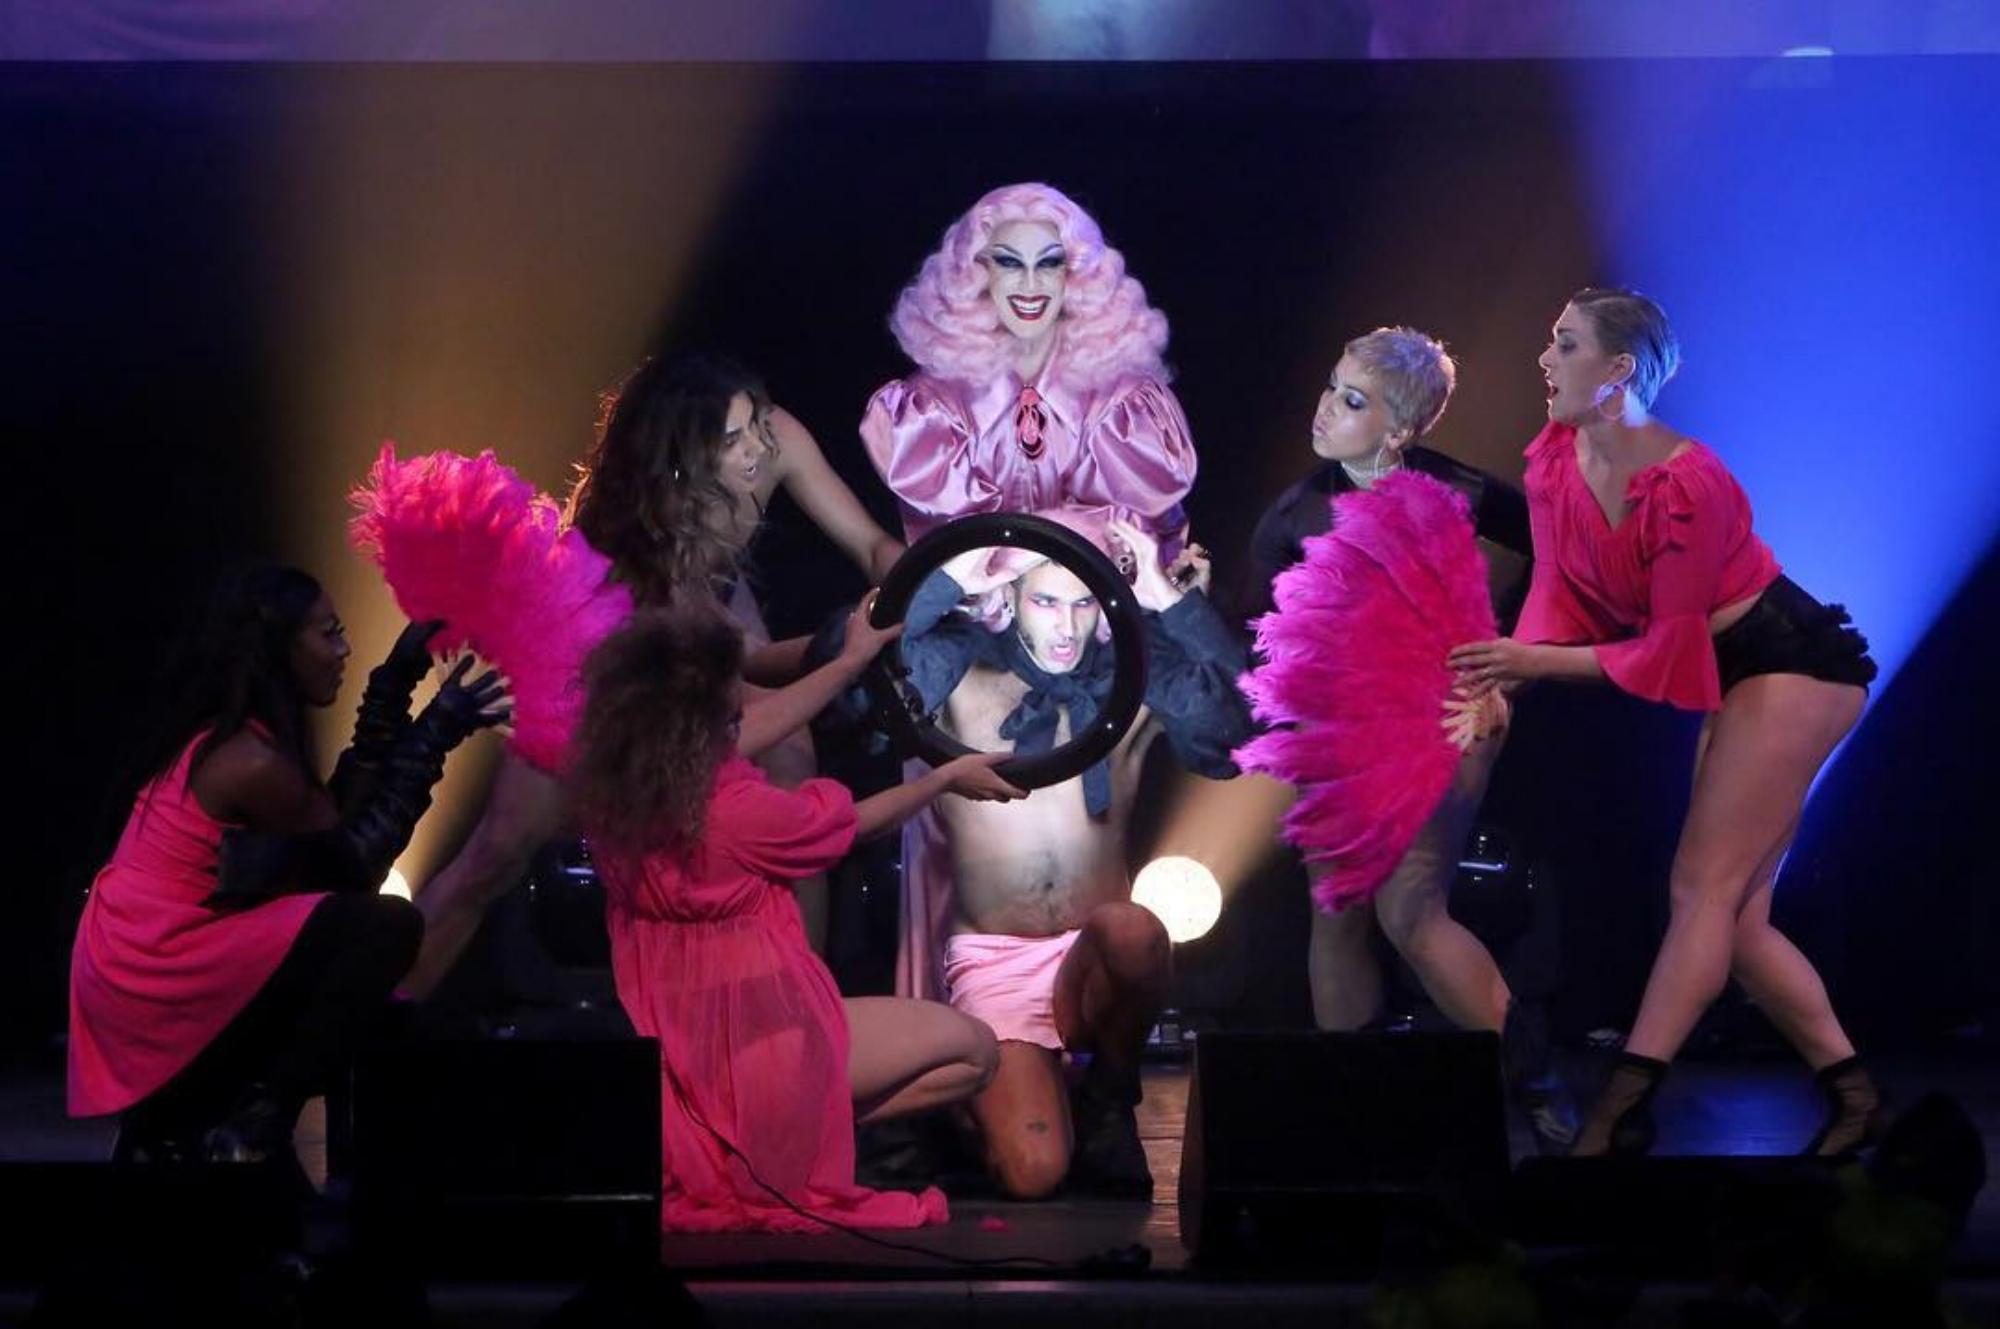 Sasha Velour DragCon Opening Show